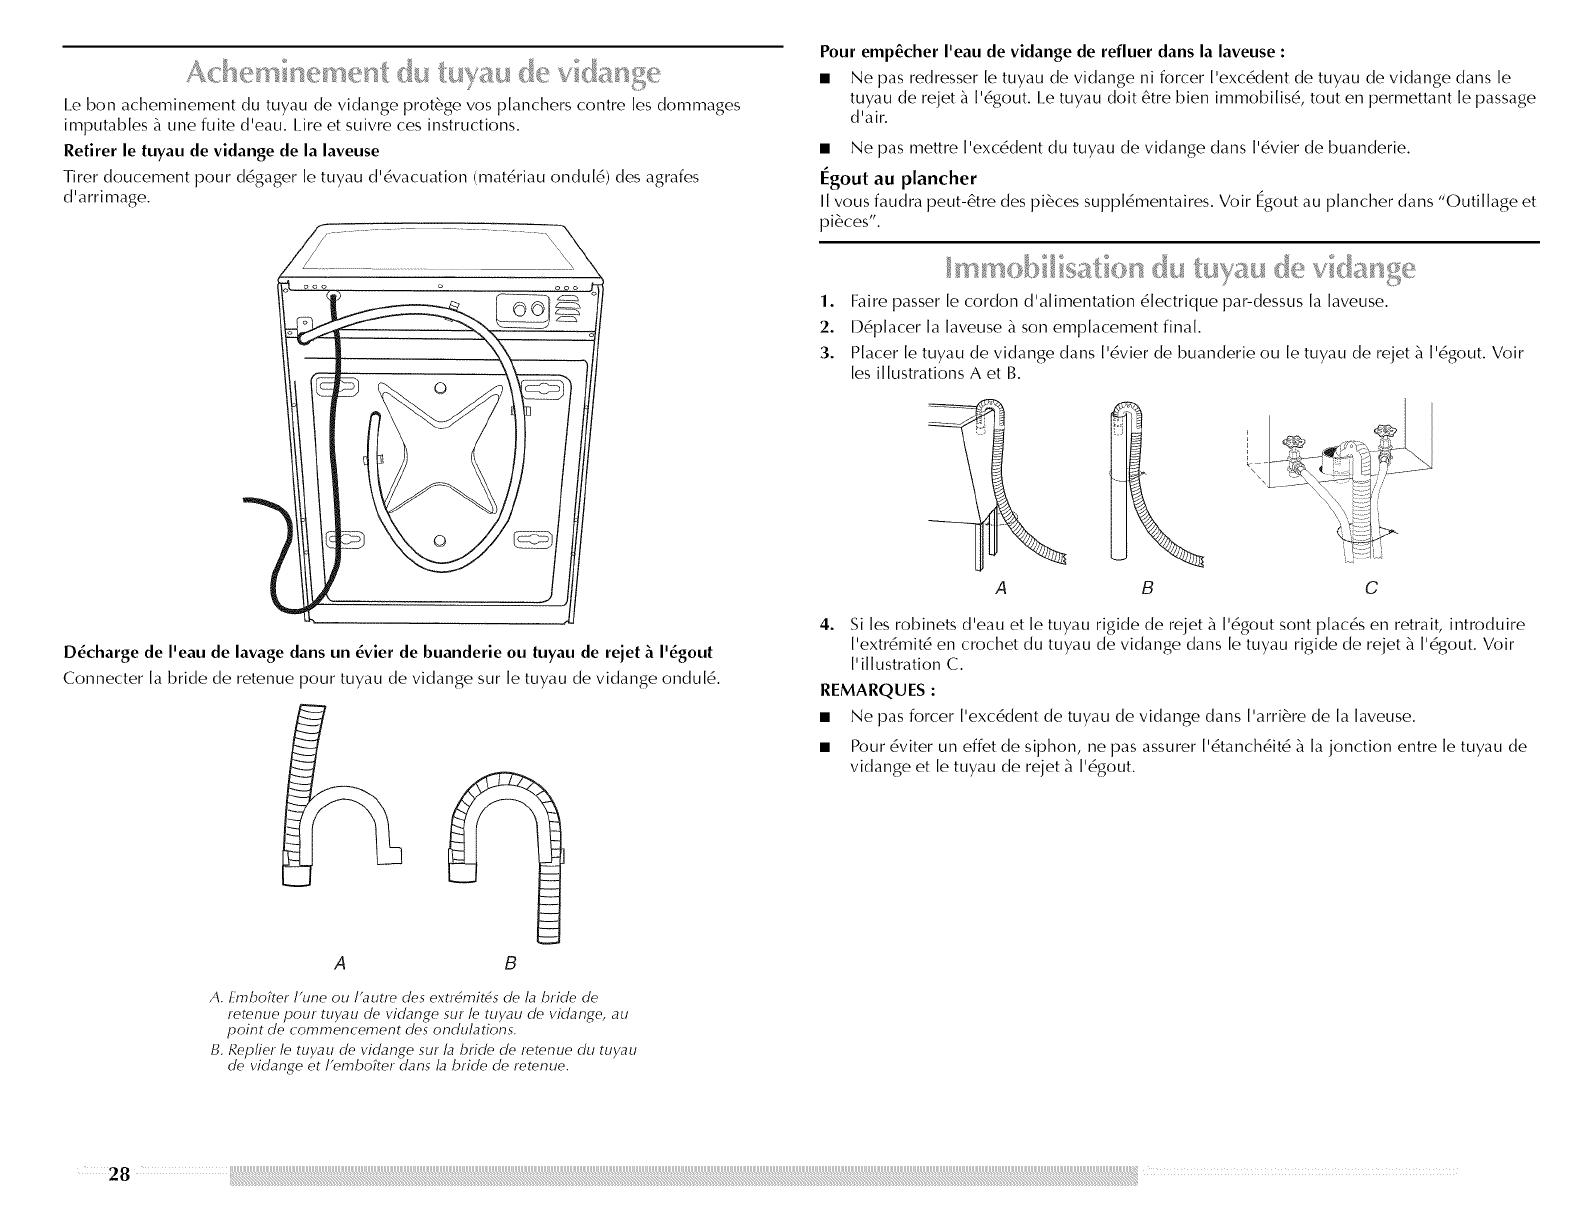 2 Pack Pack de deux de 3 Outlet pivotant électrique Grounded prise murale robinets